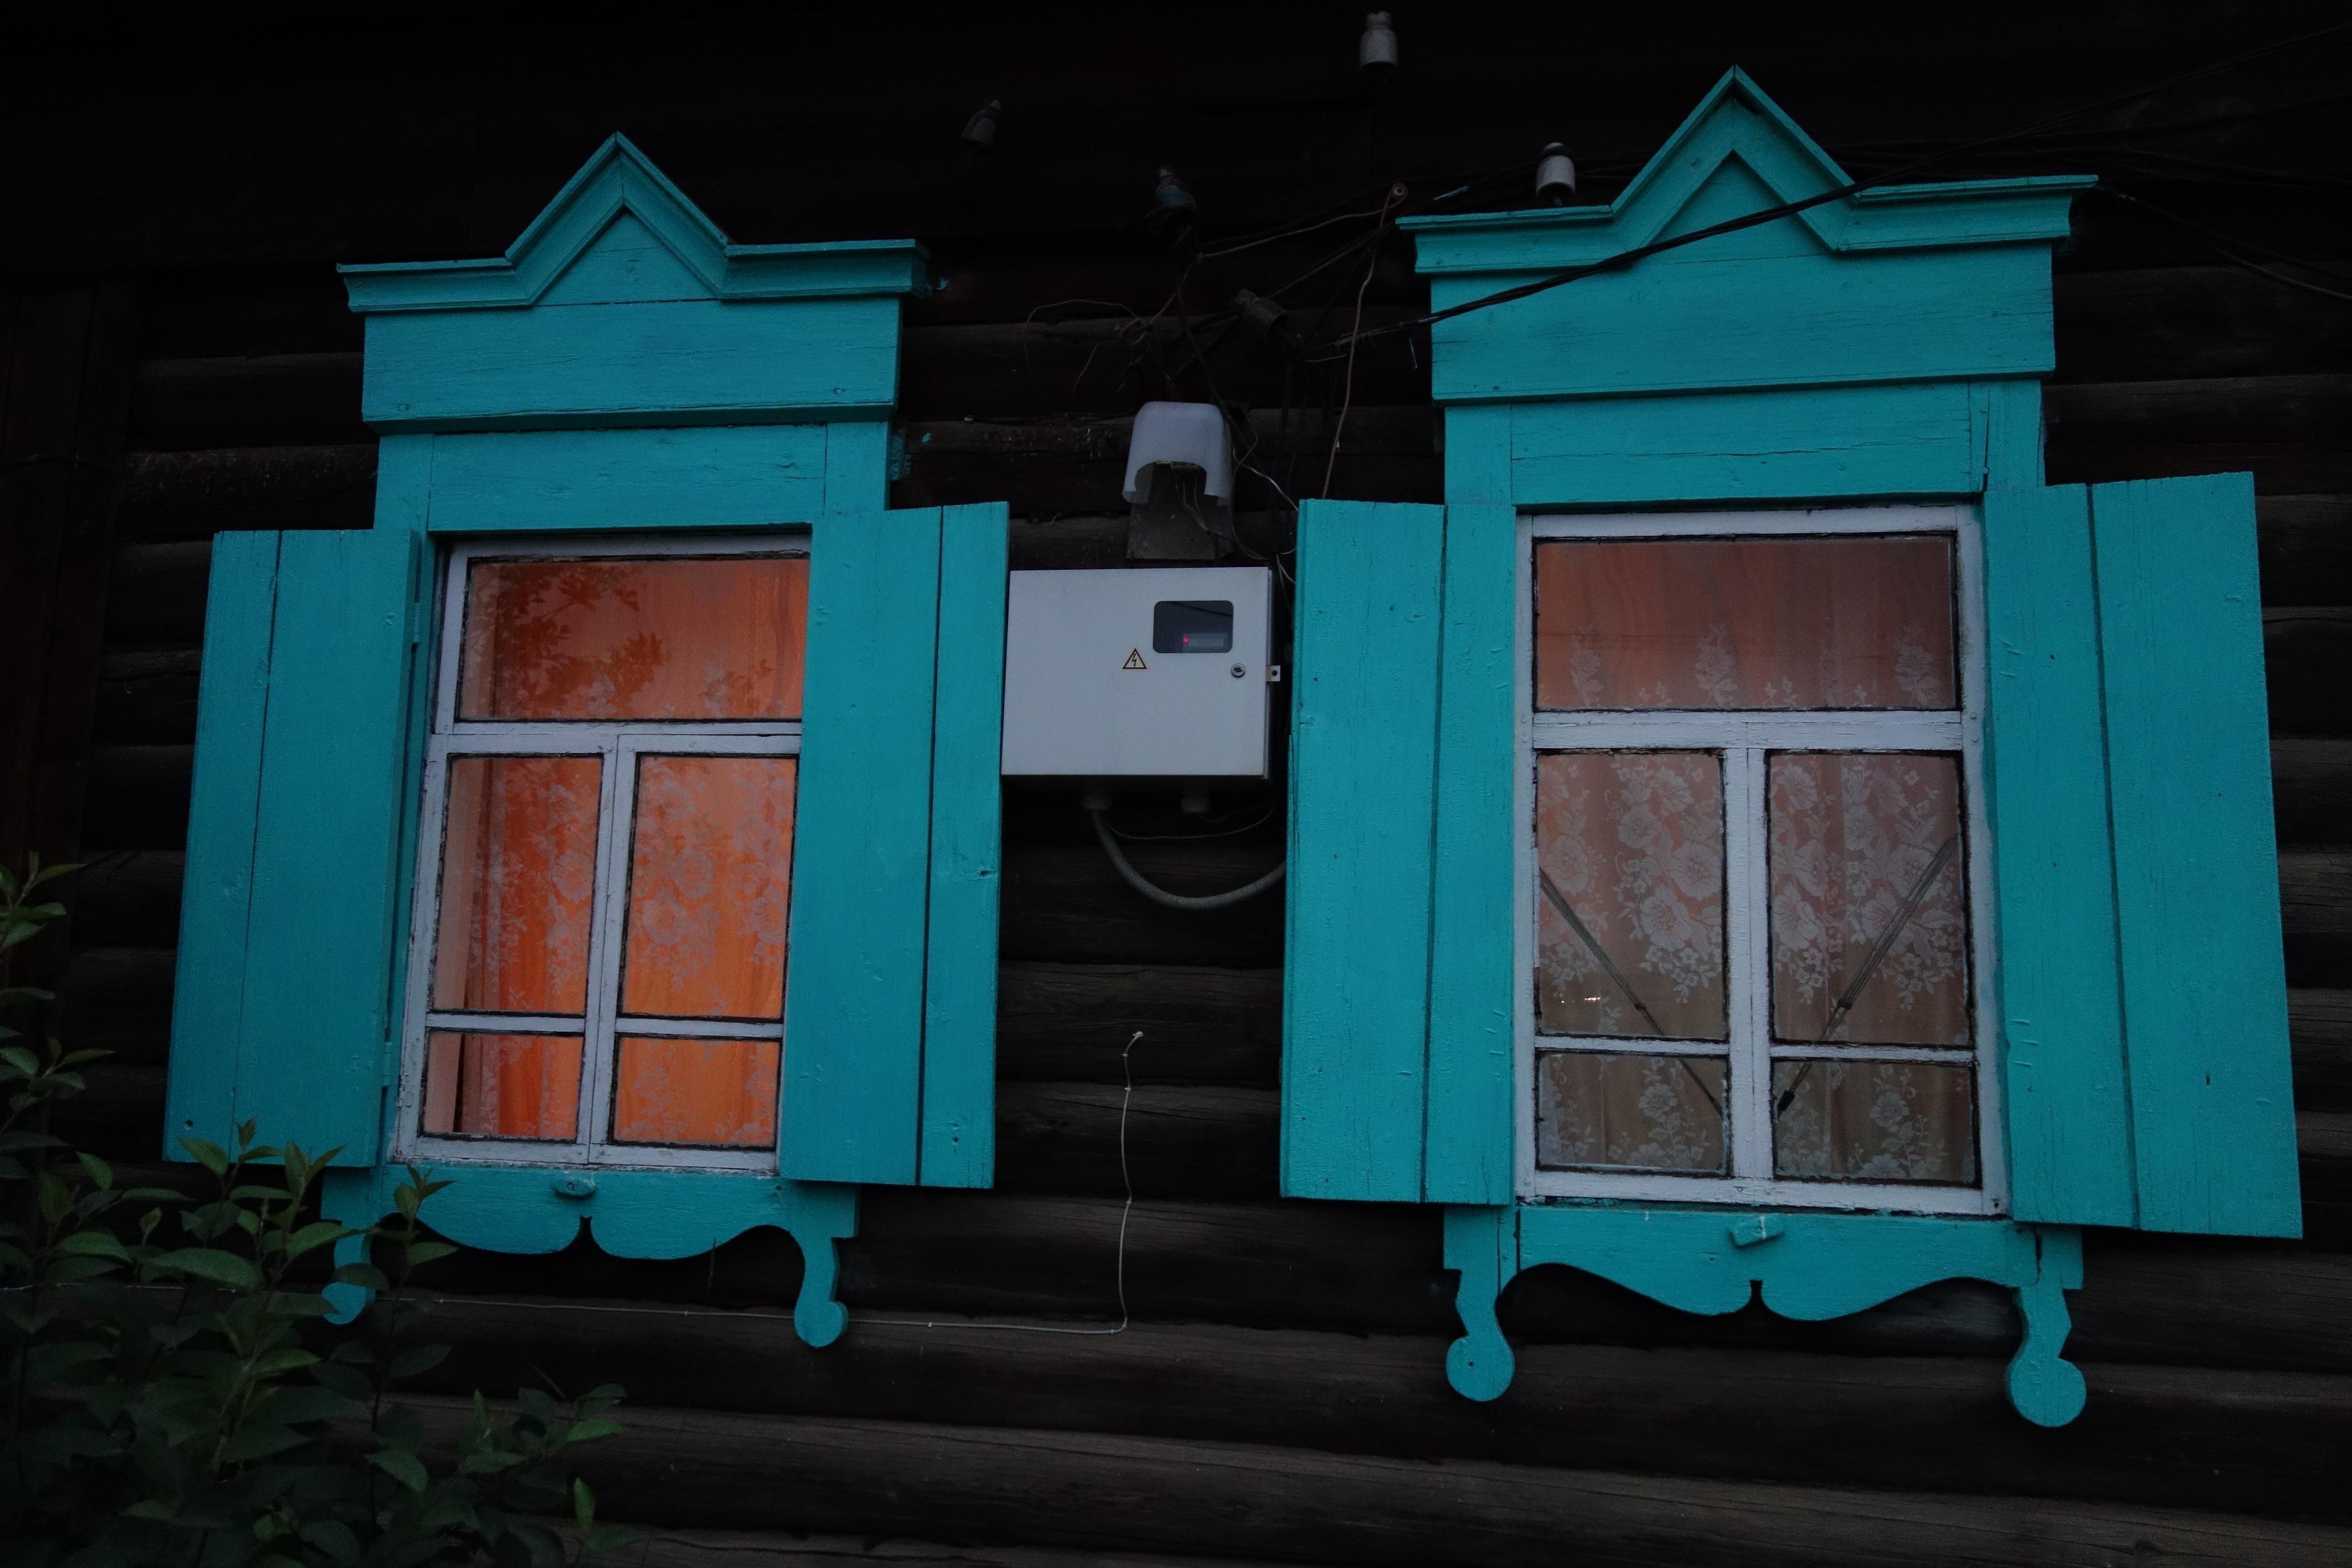 juillet 2016 carnet d un voyage en transsib rien de moscou vladivostok en passant par le. Black Bedroom Furniture Sets. Home Design Ideas